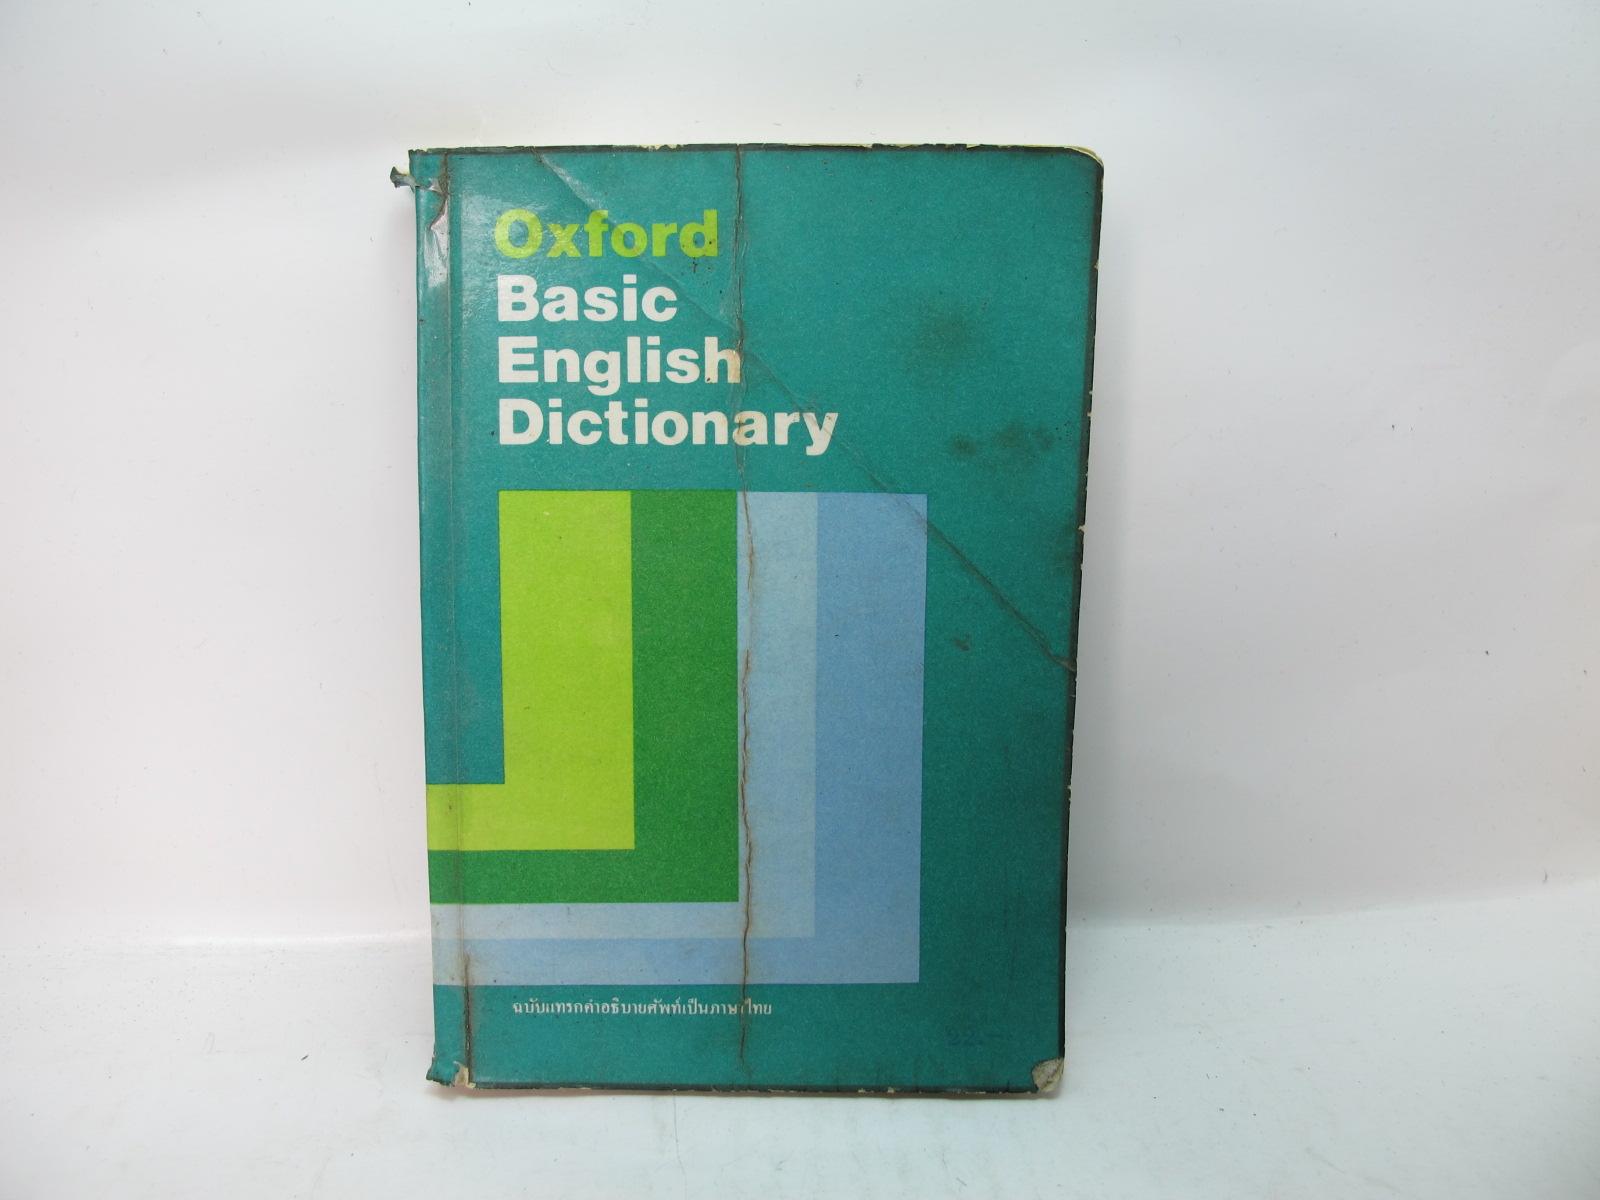 พจนานุกรมเก่า Oxford basic English dictionary ปี 1982 (ปี 2525)